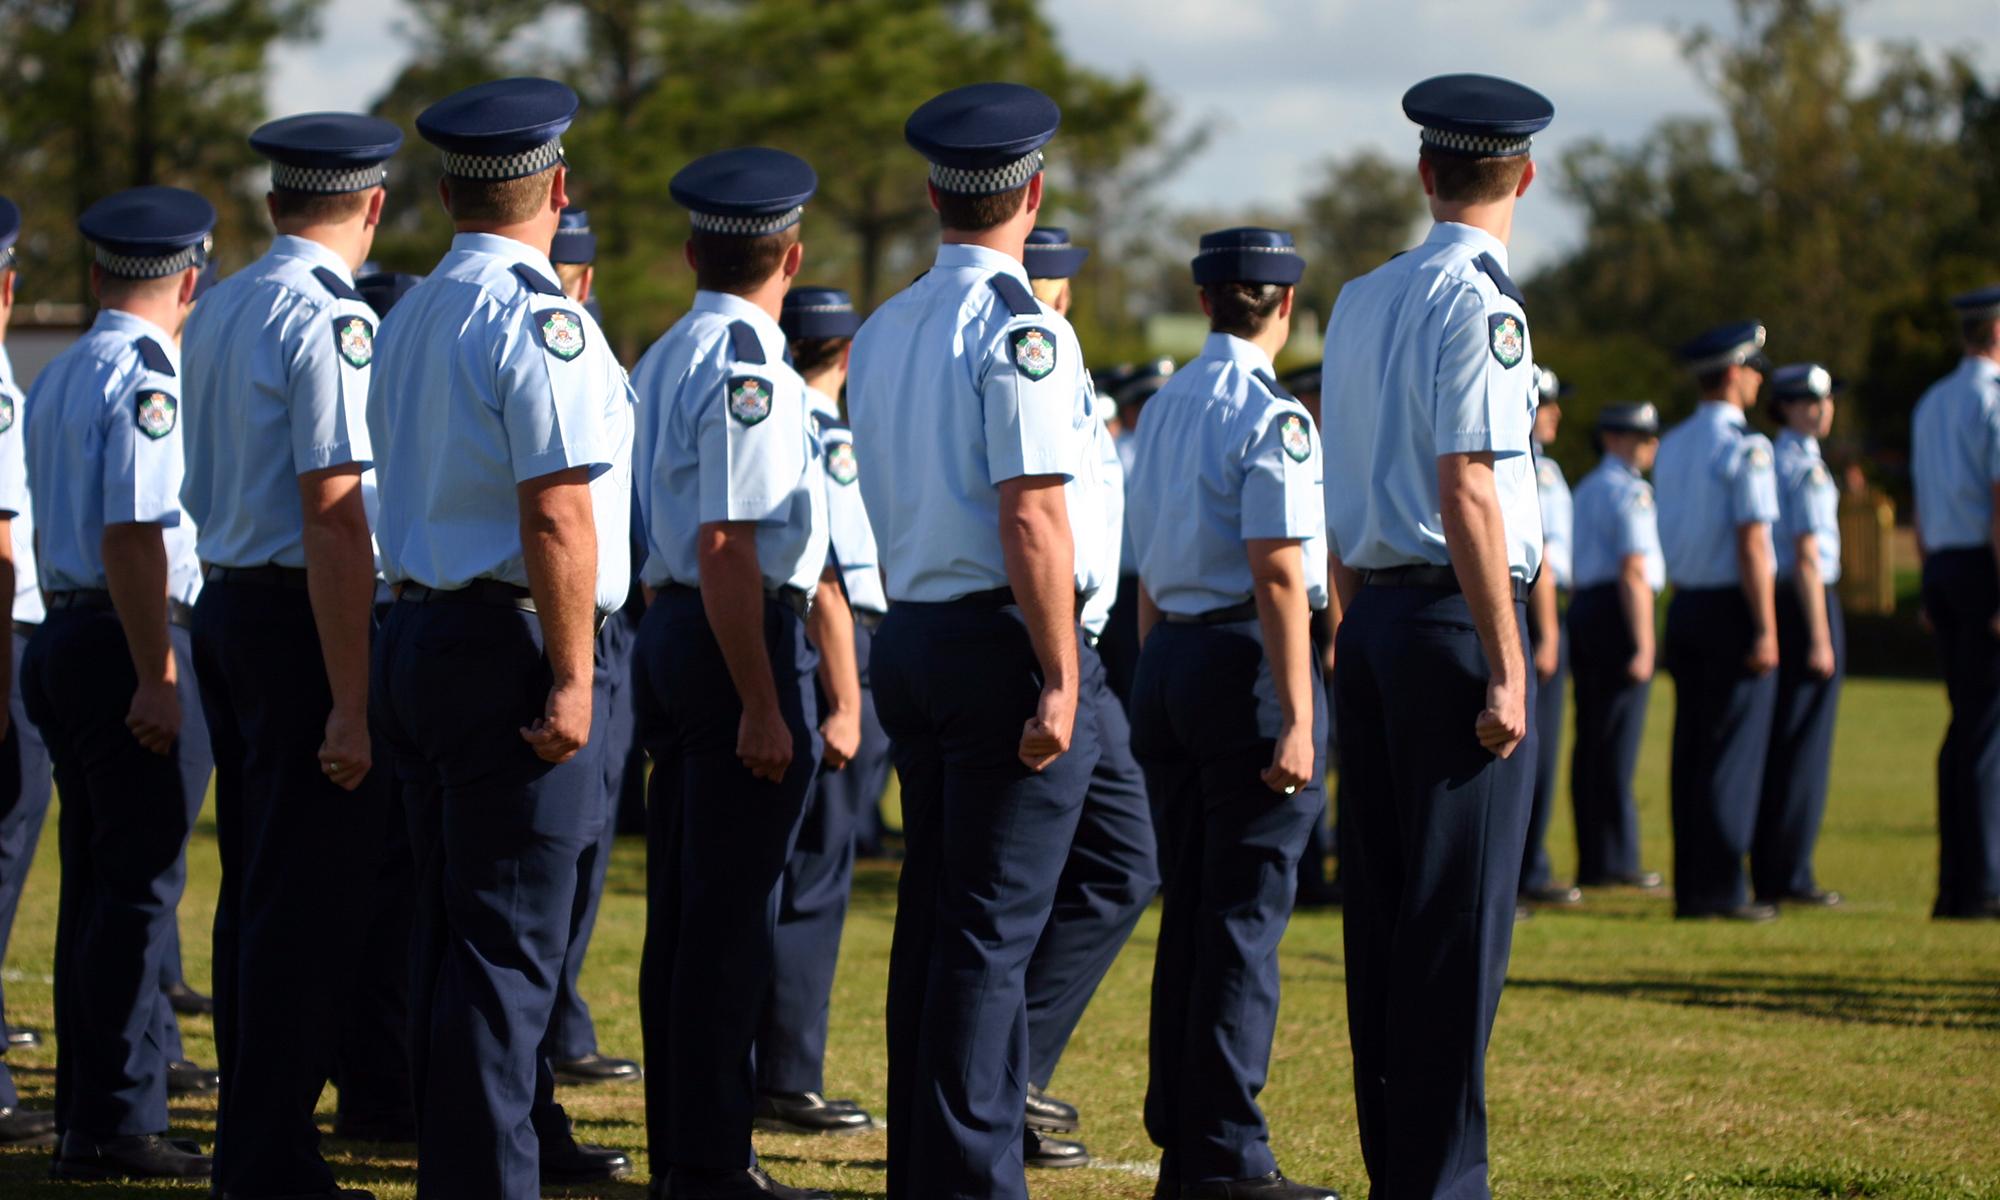 Police Acadamy